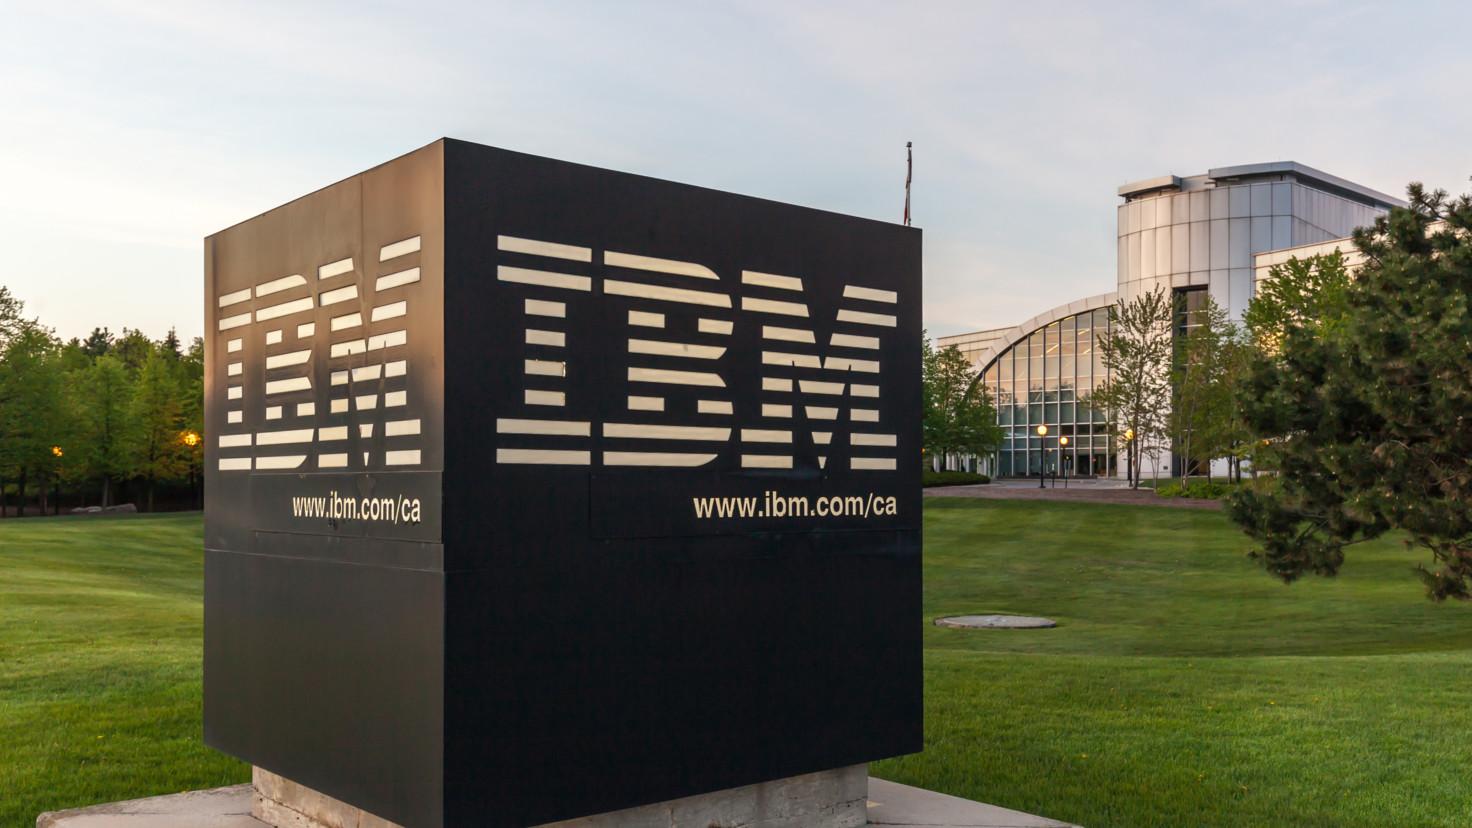 IBM company profile